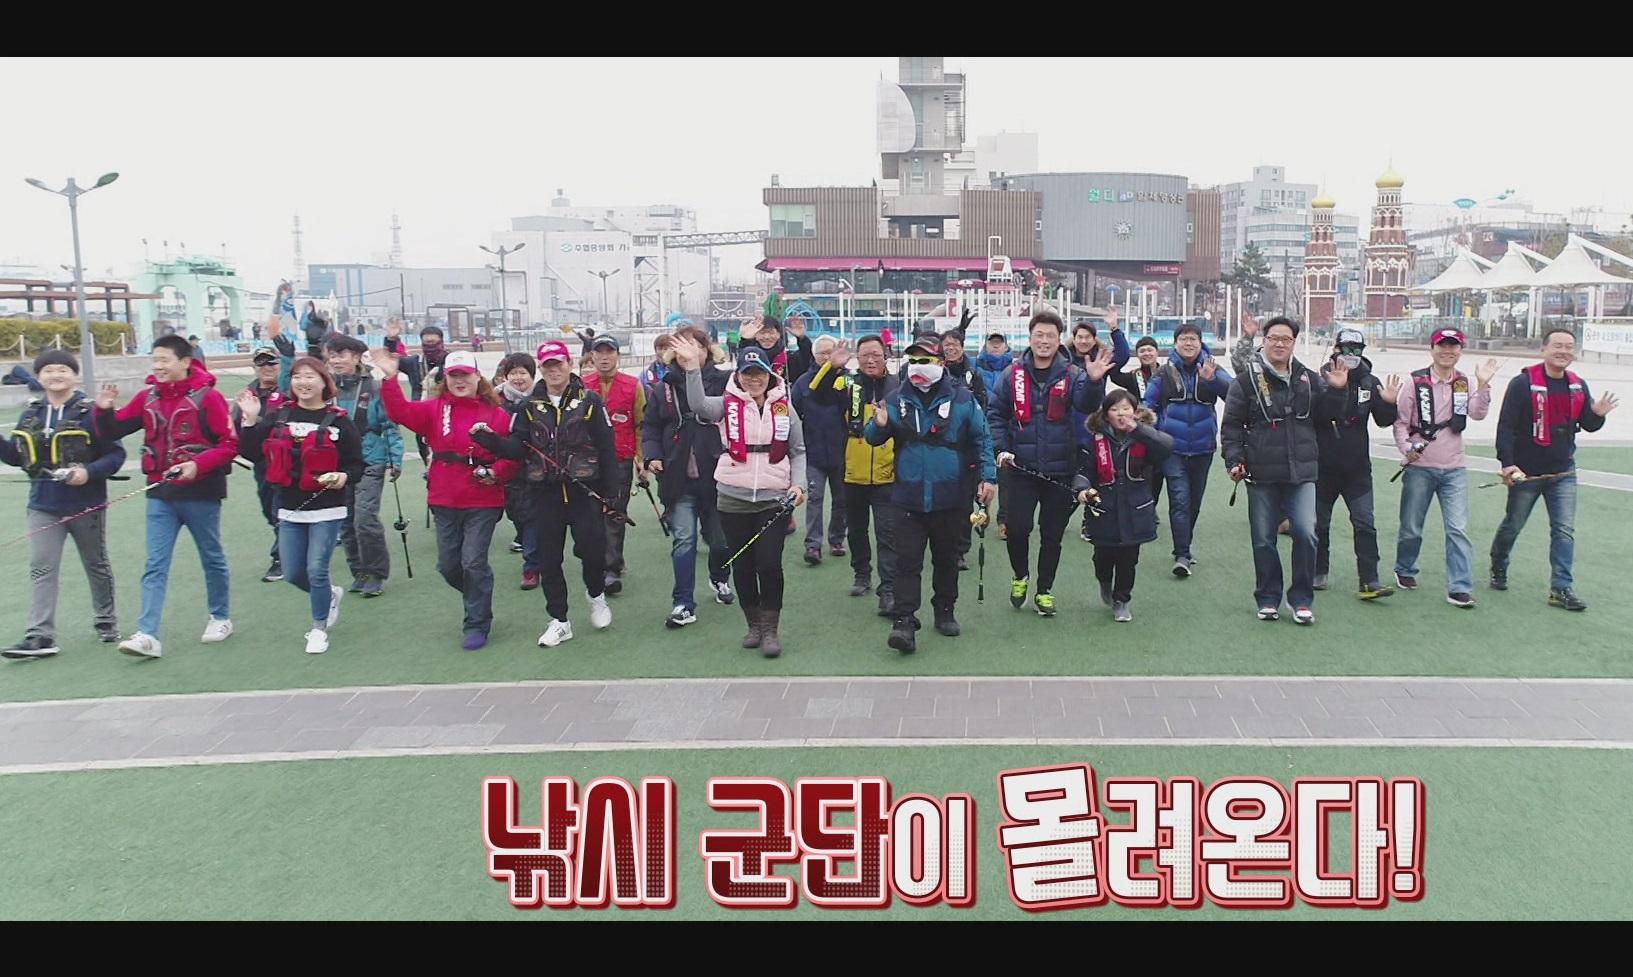 출연자만 무려 800명...낚시인 소통 프로그램 FTV '향란이와 떠나는 뻐니피싱'